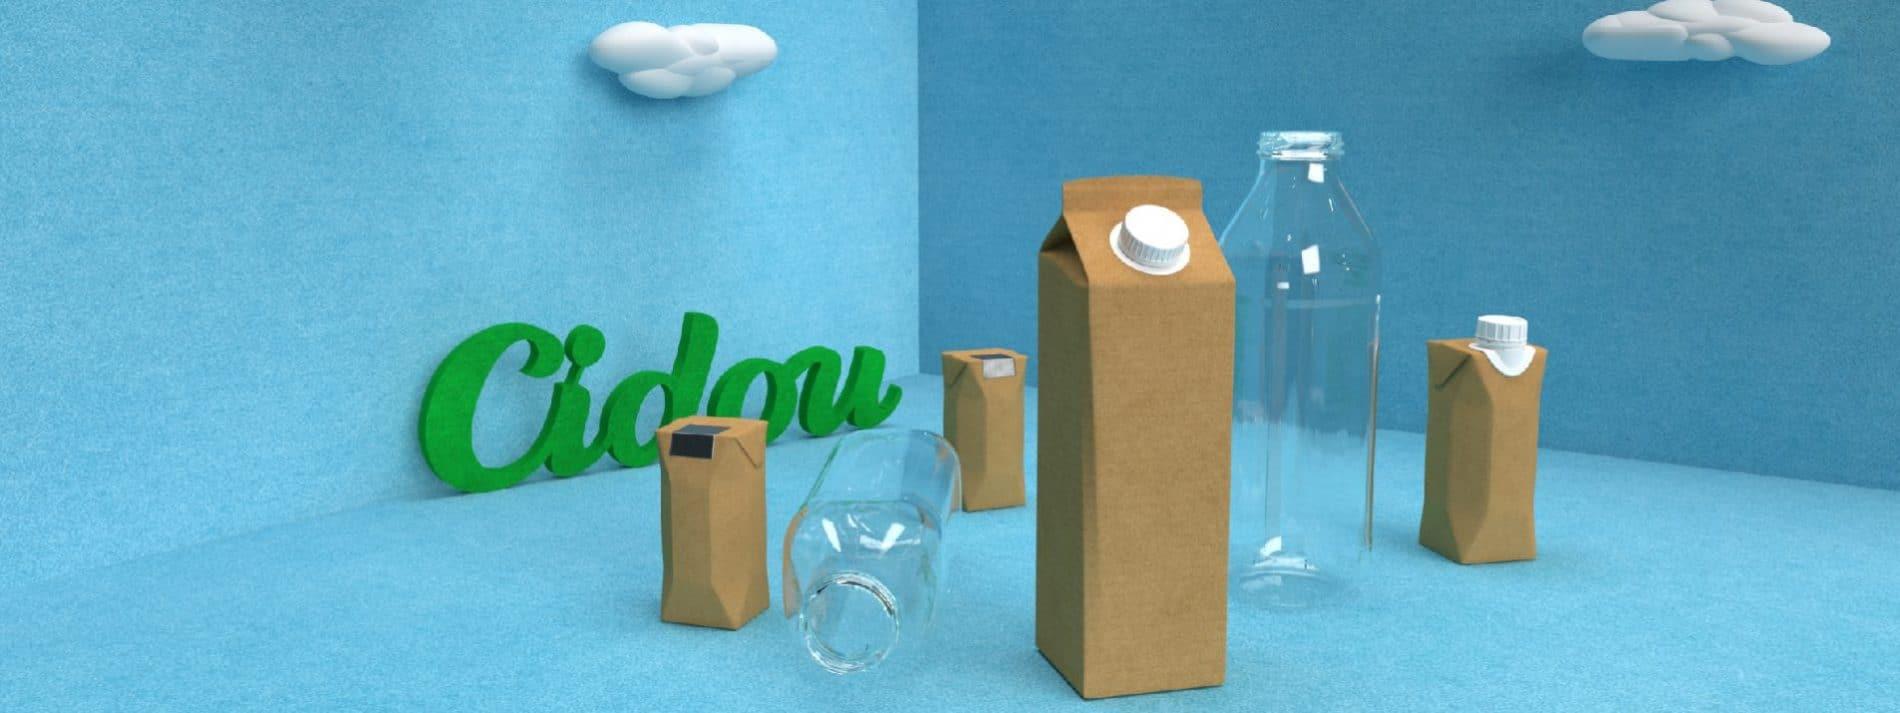 les emballages cidou sans plastique